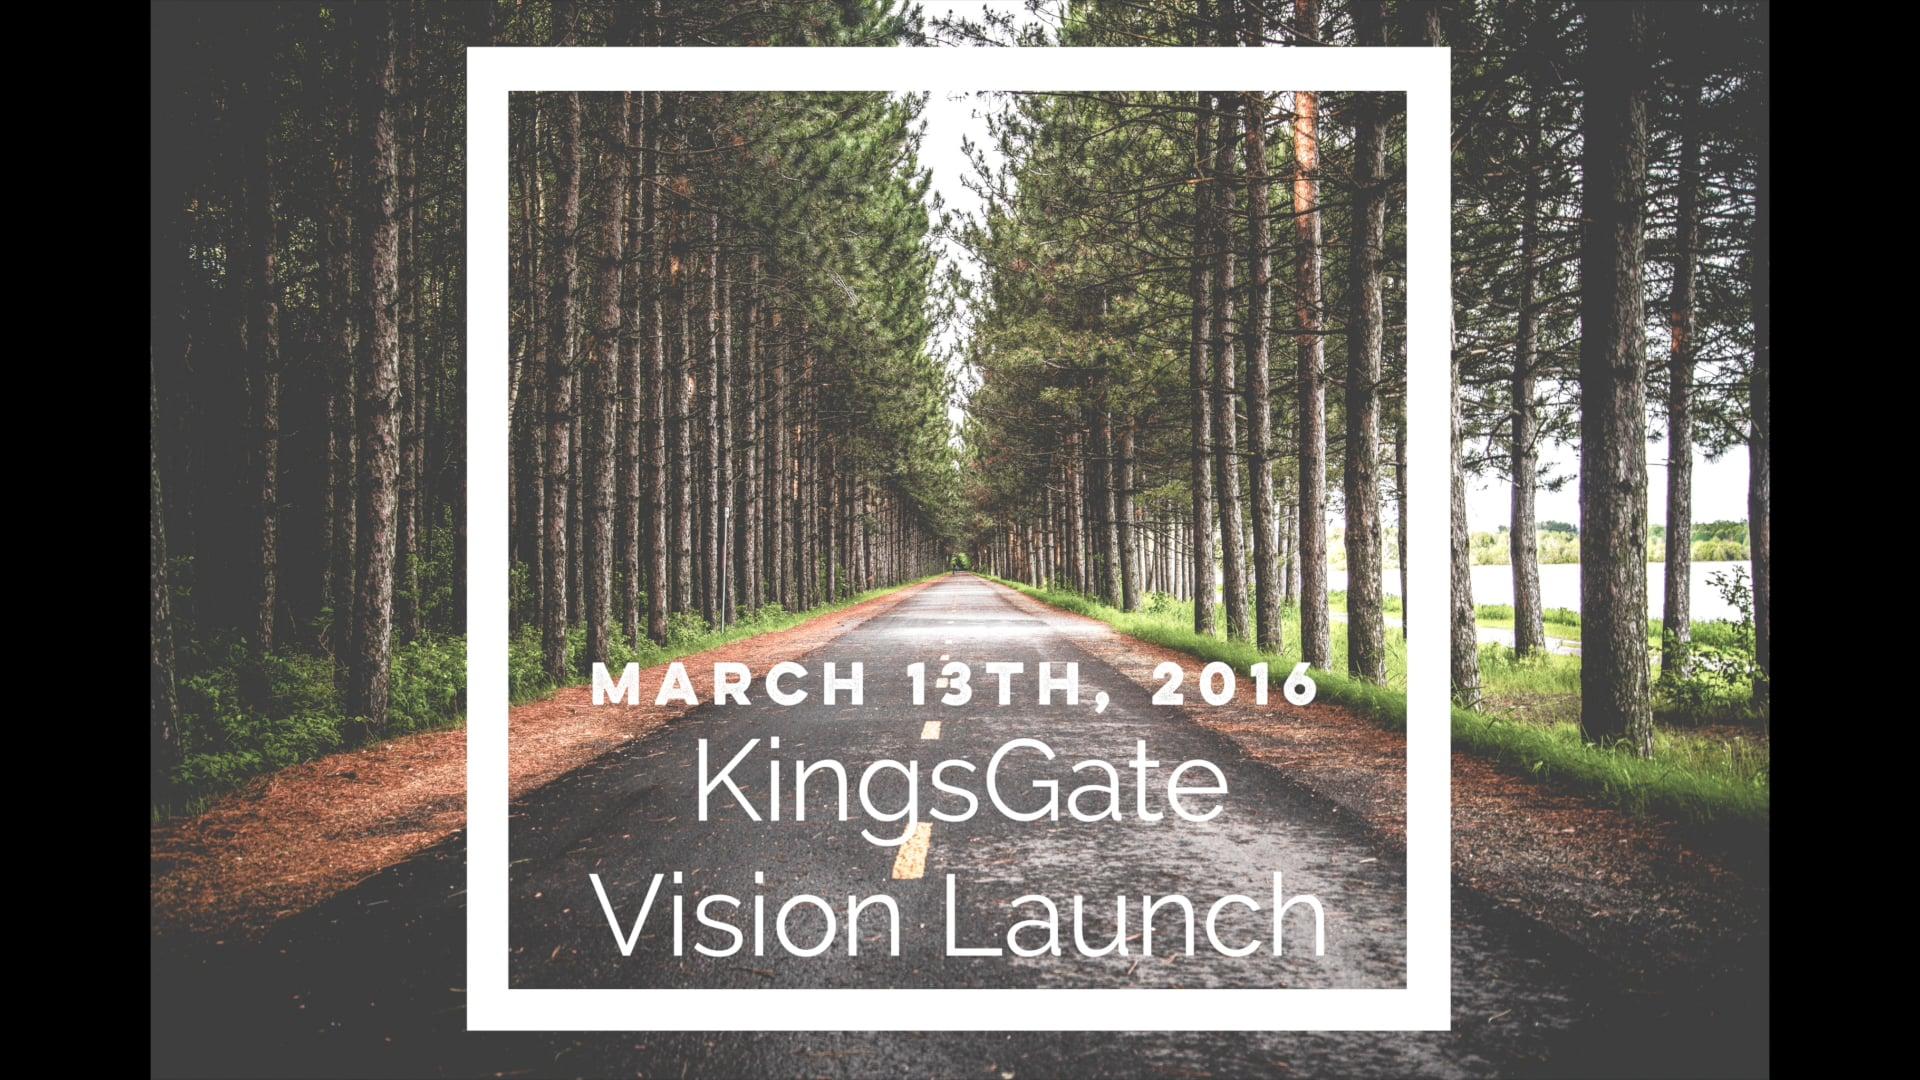 KingsGate Church Vision Launch 2016